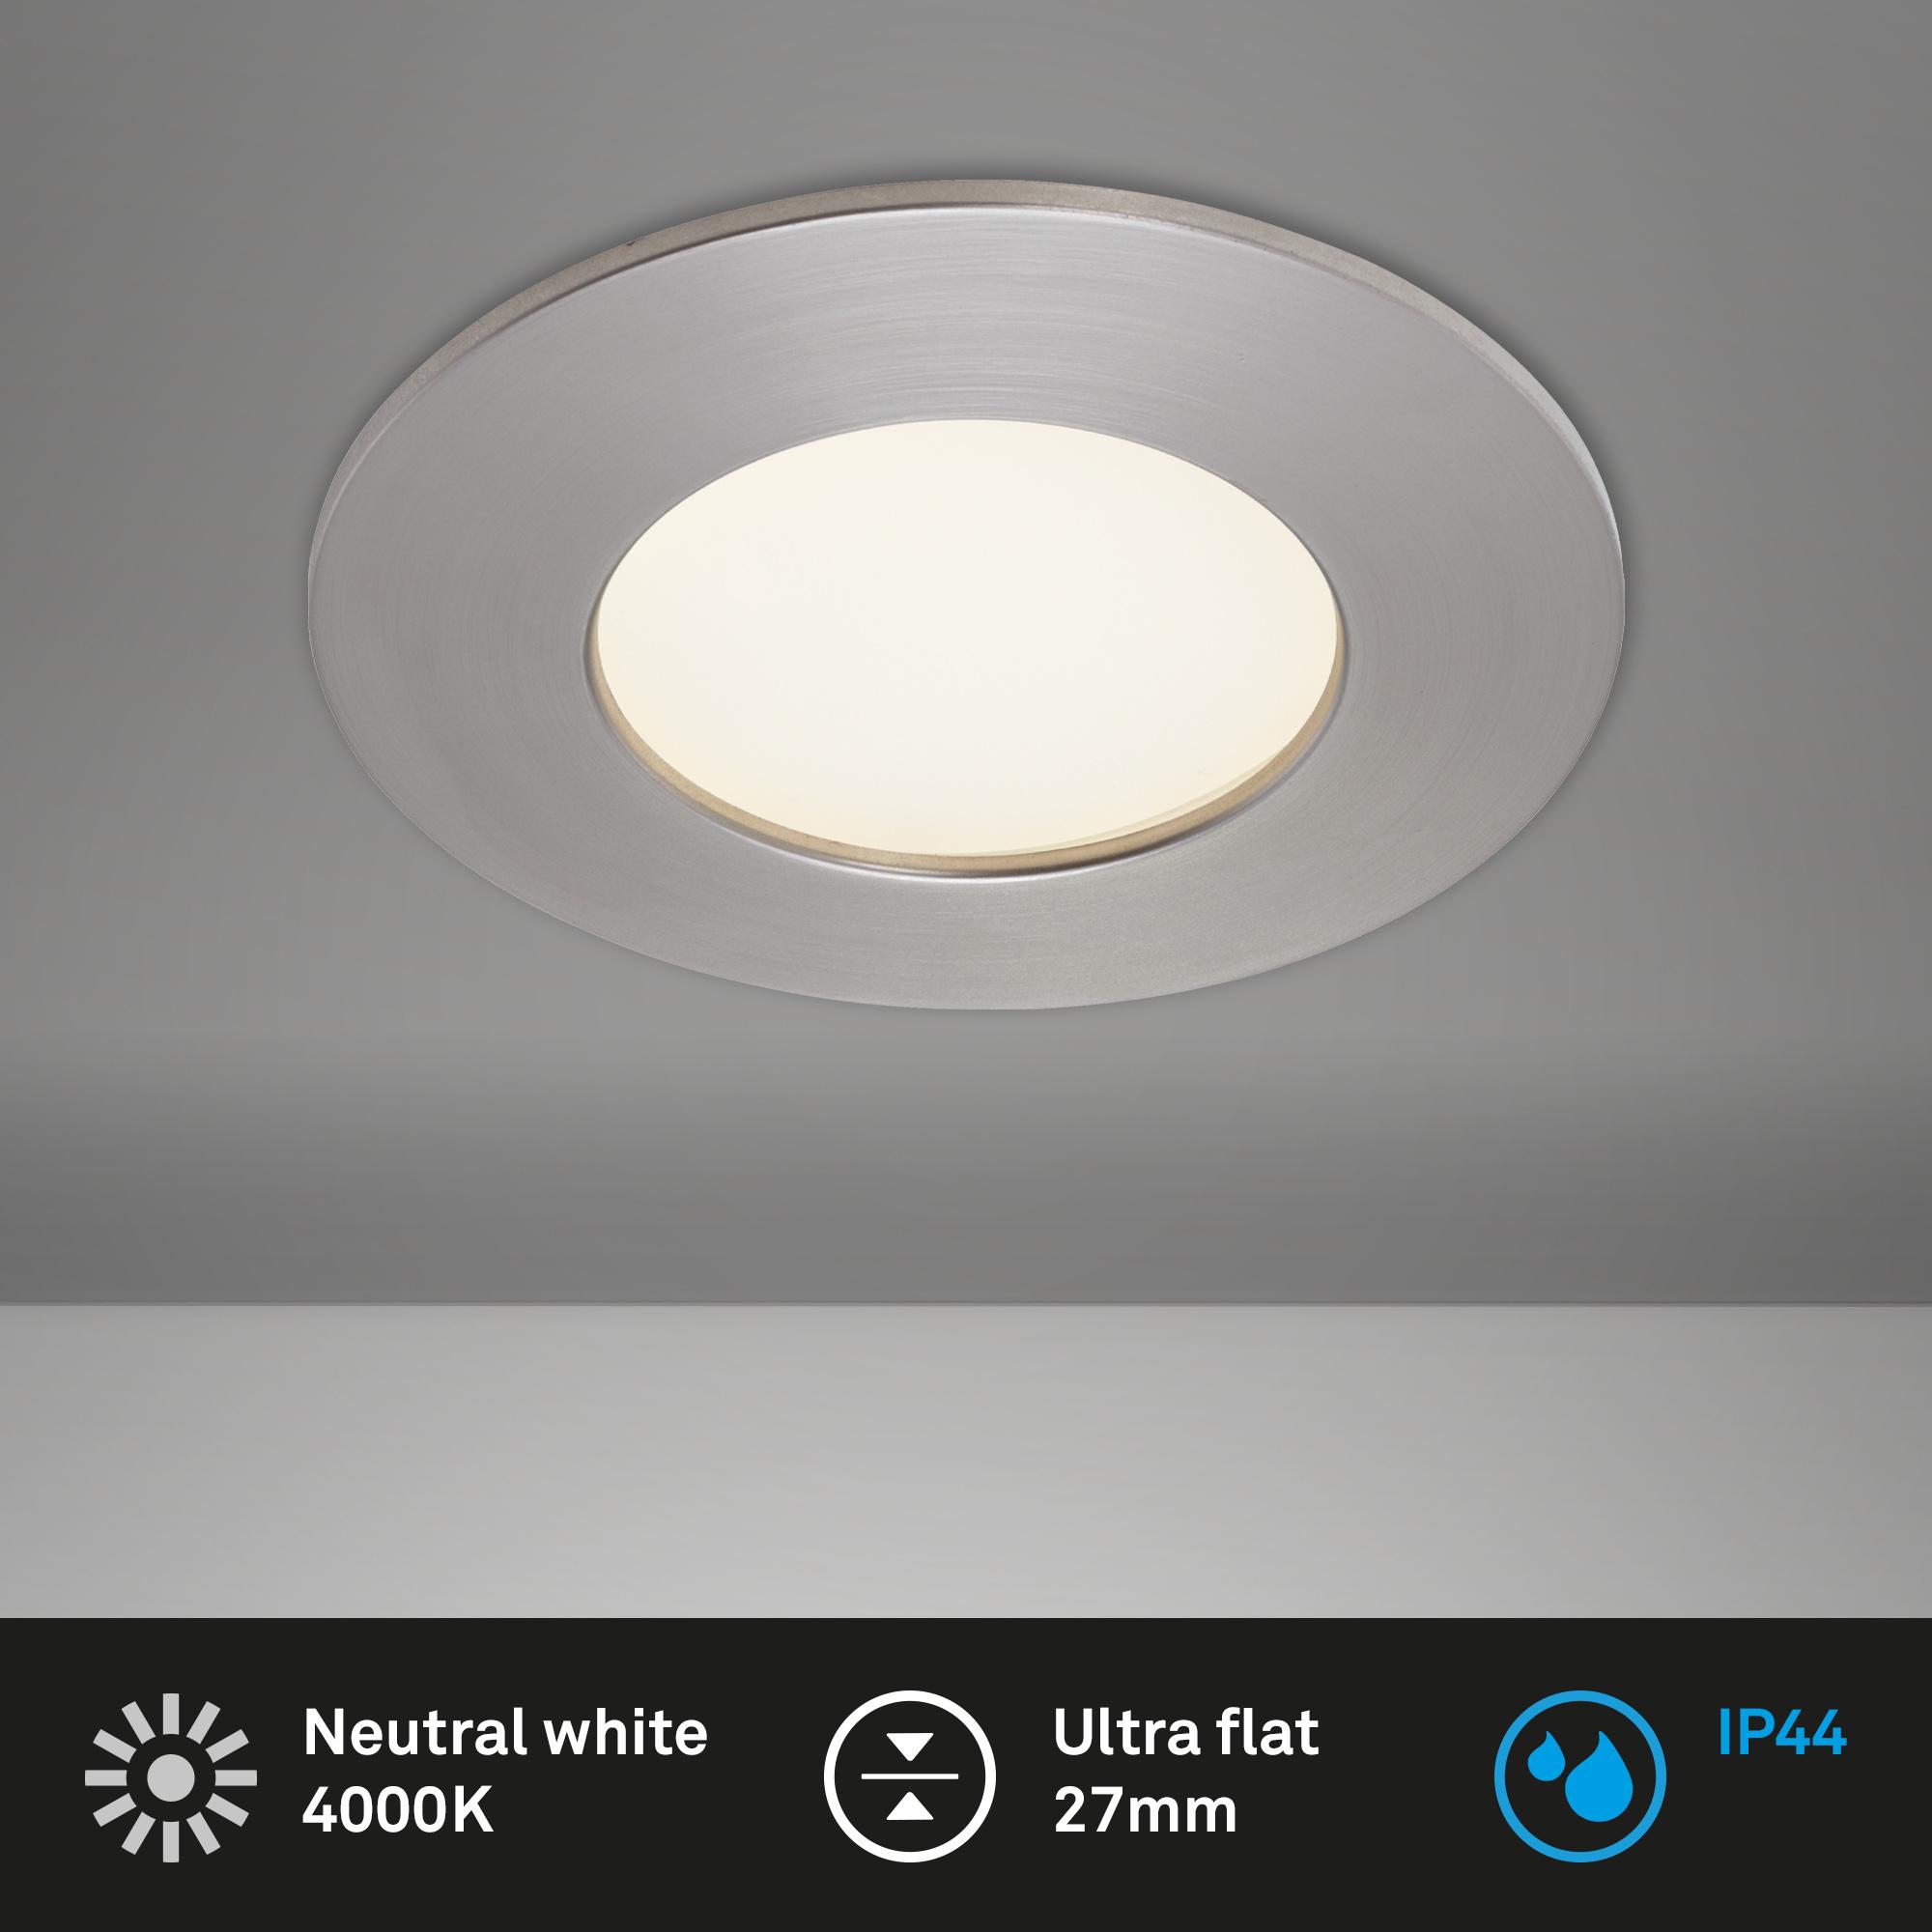 LED Einbauleuchte, Ø 8,5 cm, 5 W, Matt-Nickel